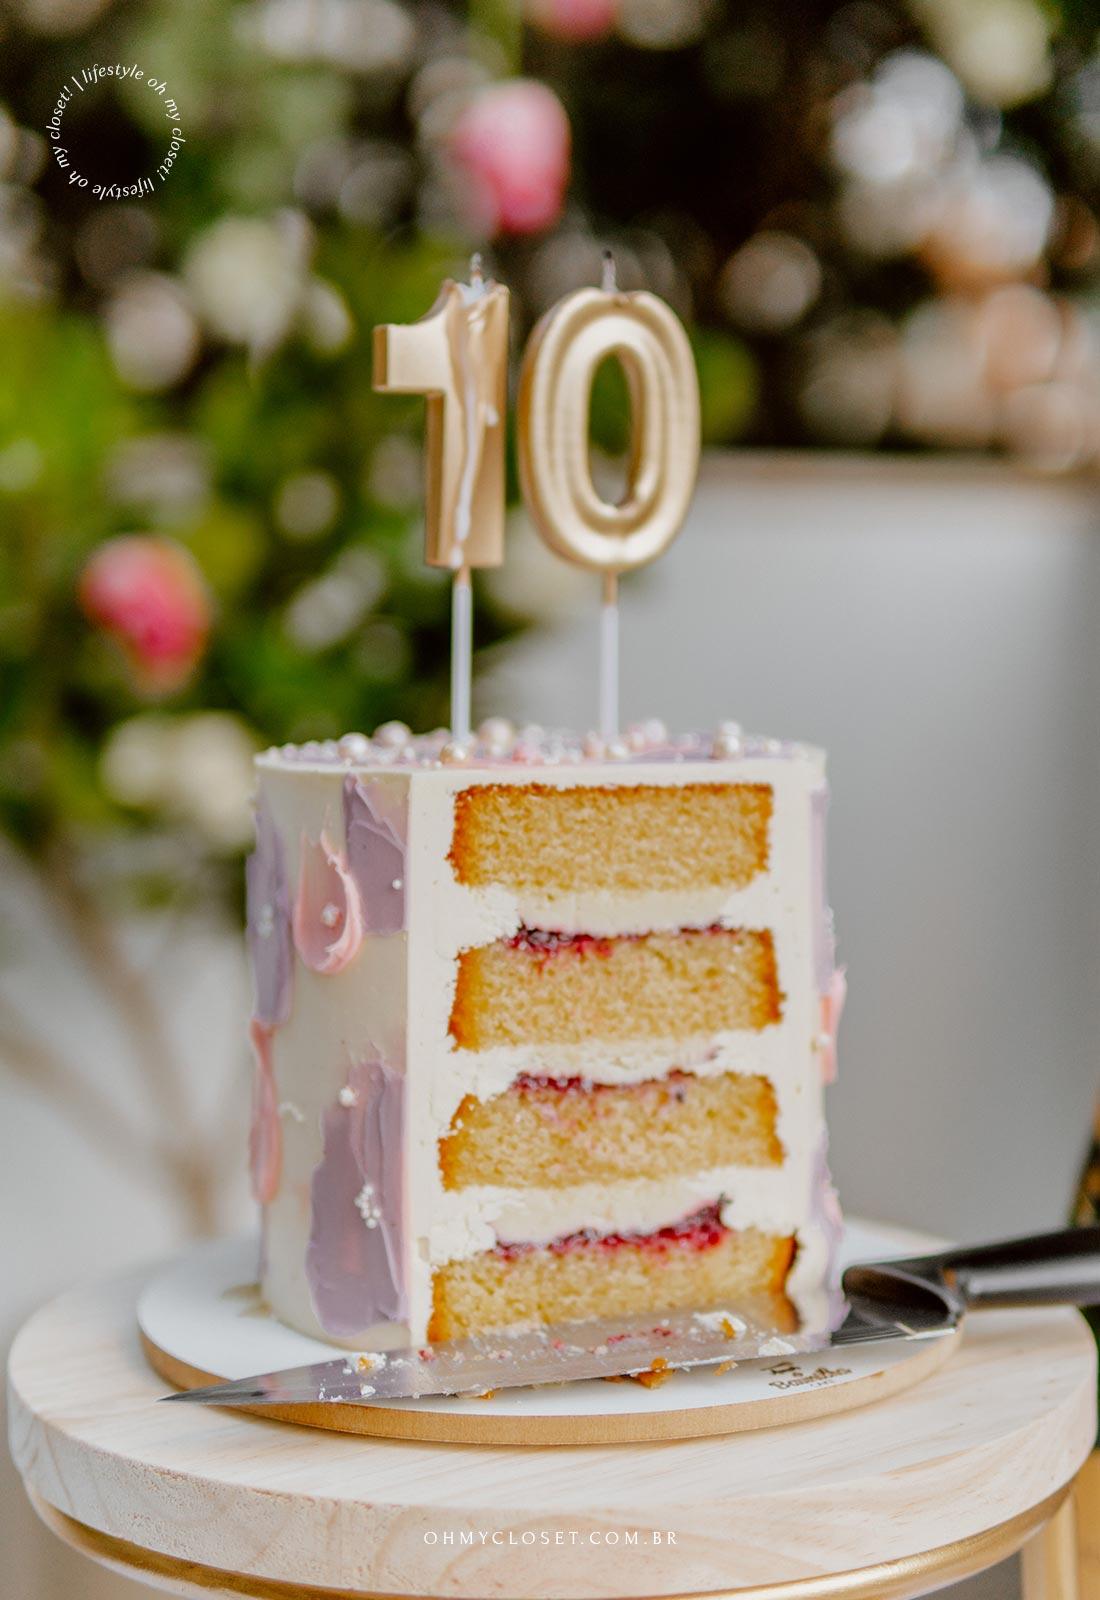 Detalhe do bolo, cortado, com as velas em cima, comemoração em casa durante a pandemia.